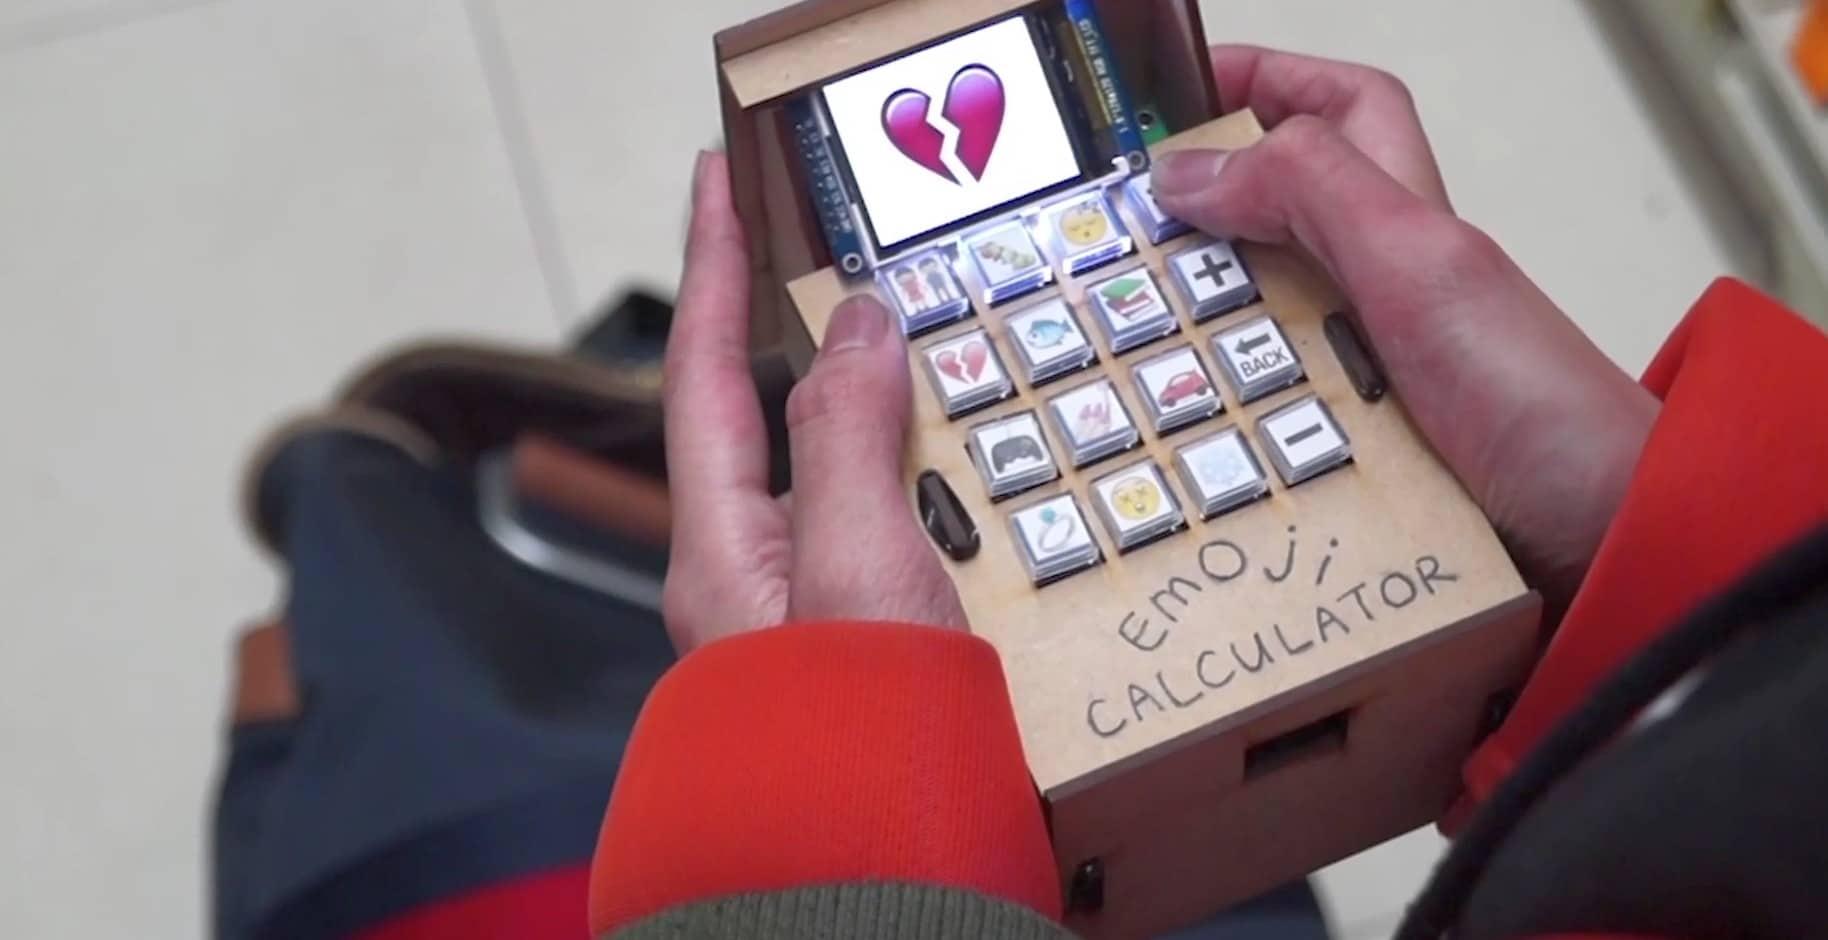 Emoji Calculator: Dieser Apparat hilft euch beim Treffen (un-)wichtiger Entscheidungen